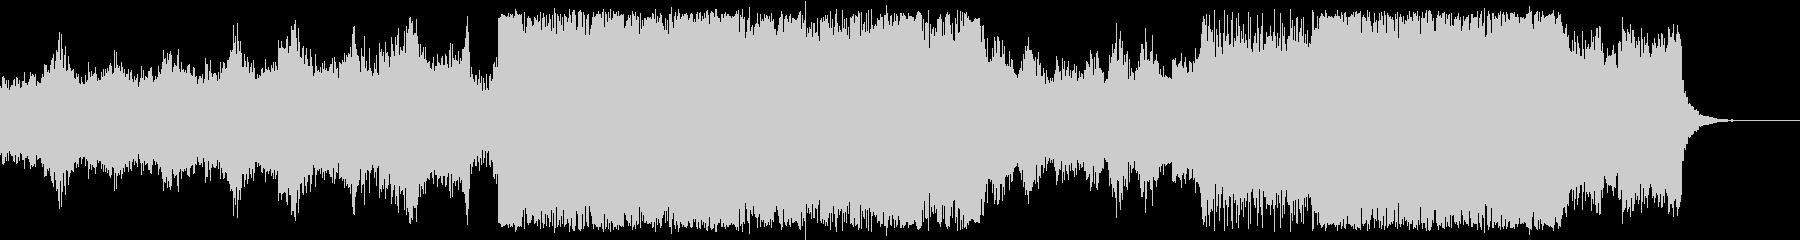 エピック×エレクトロ 壮大の未再生の波形